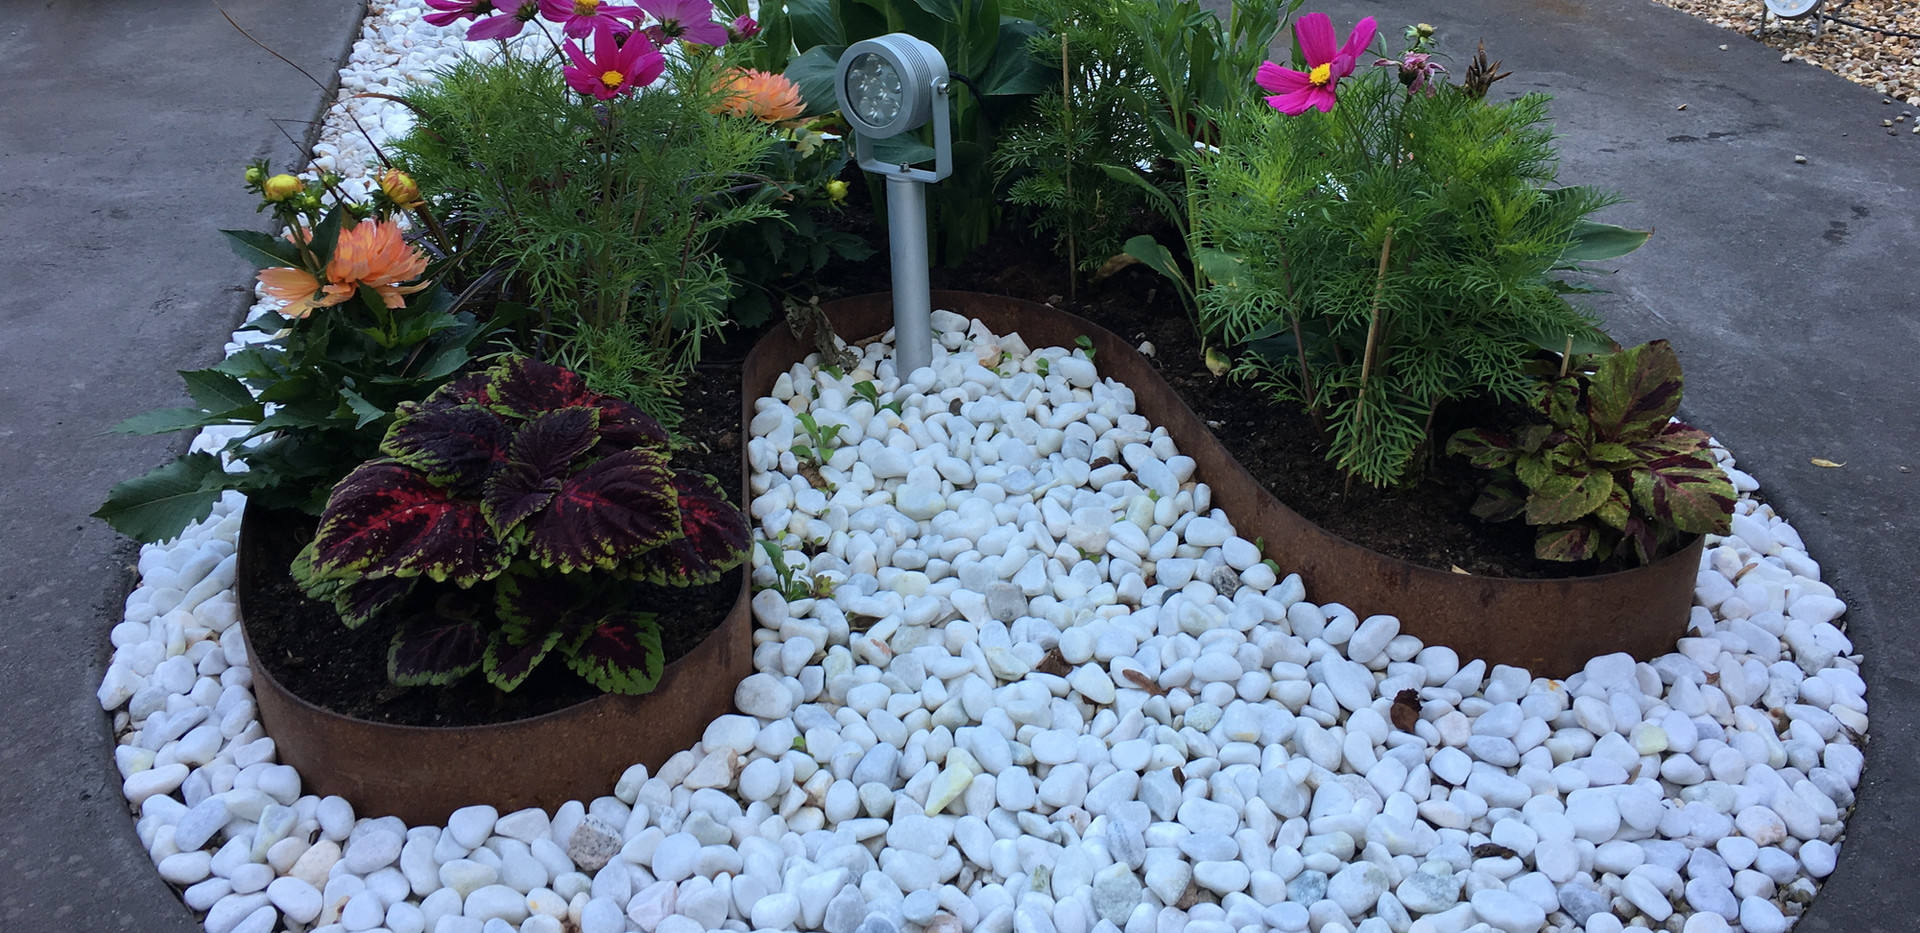 Gröna_Lund_plantering(8).jpeg